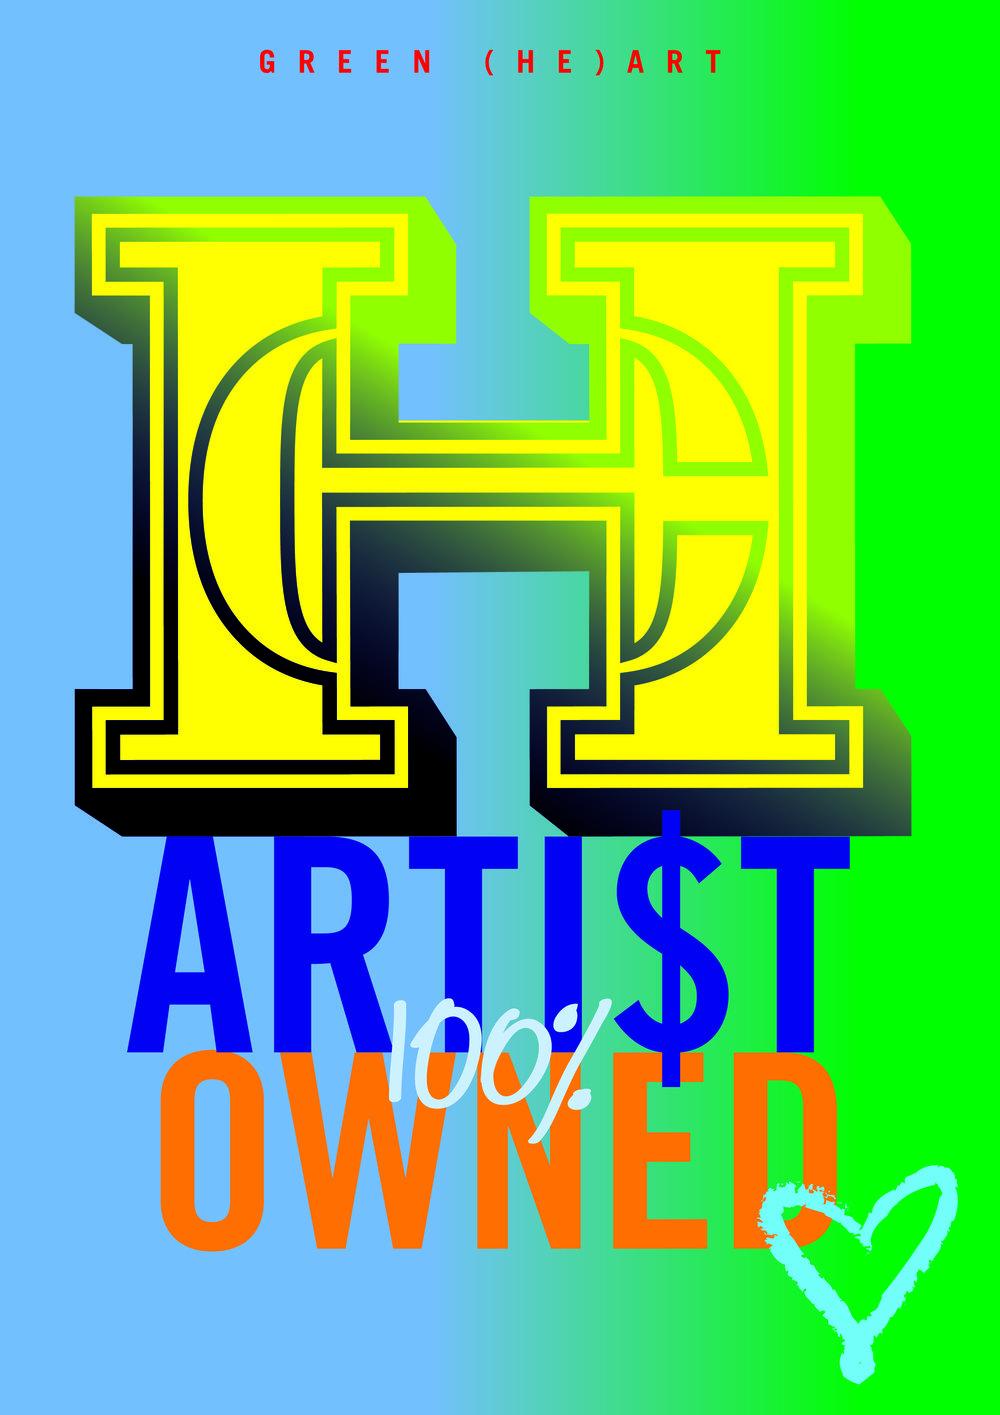 artist.owned.jpg